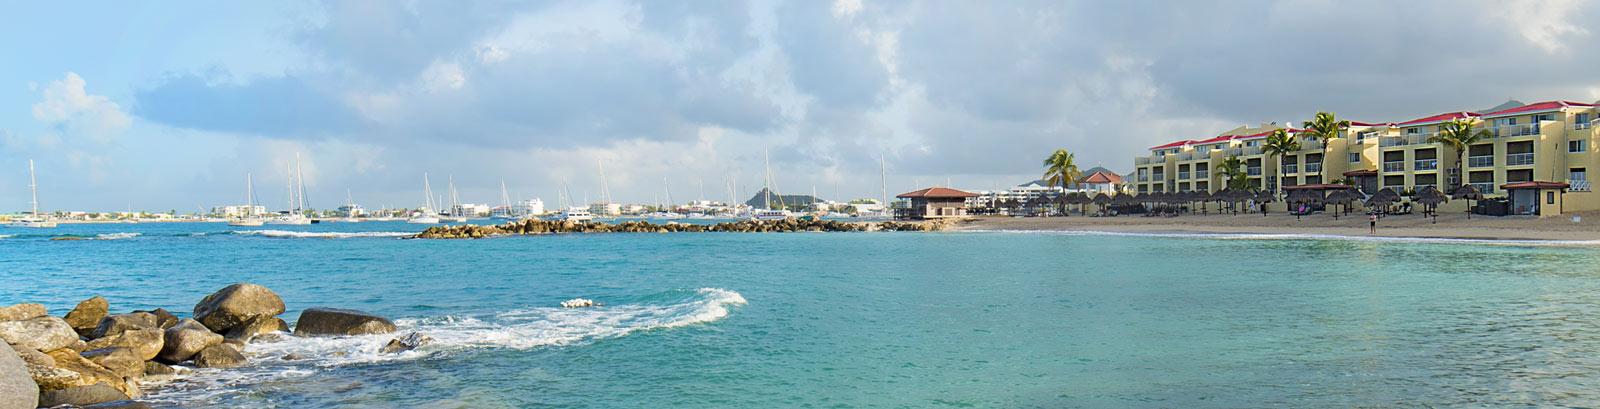 St. Maarten Beaches, Simpson Bay Resort, Marina & Spa